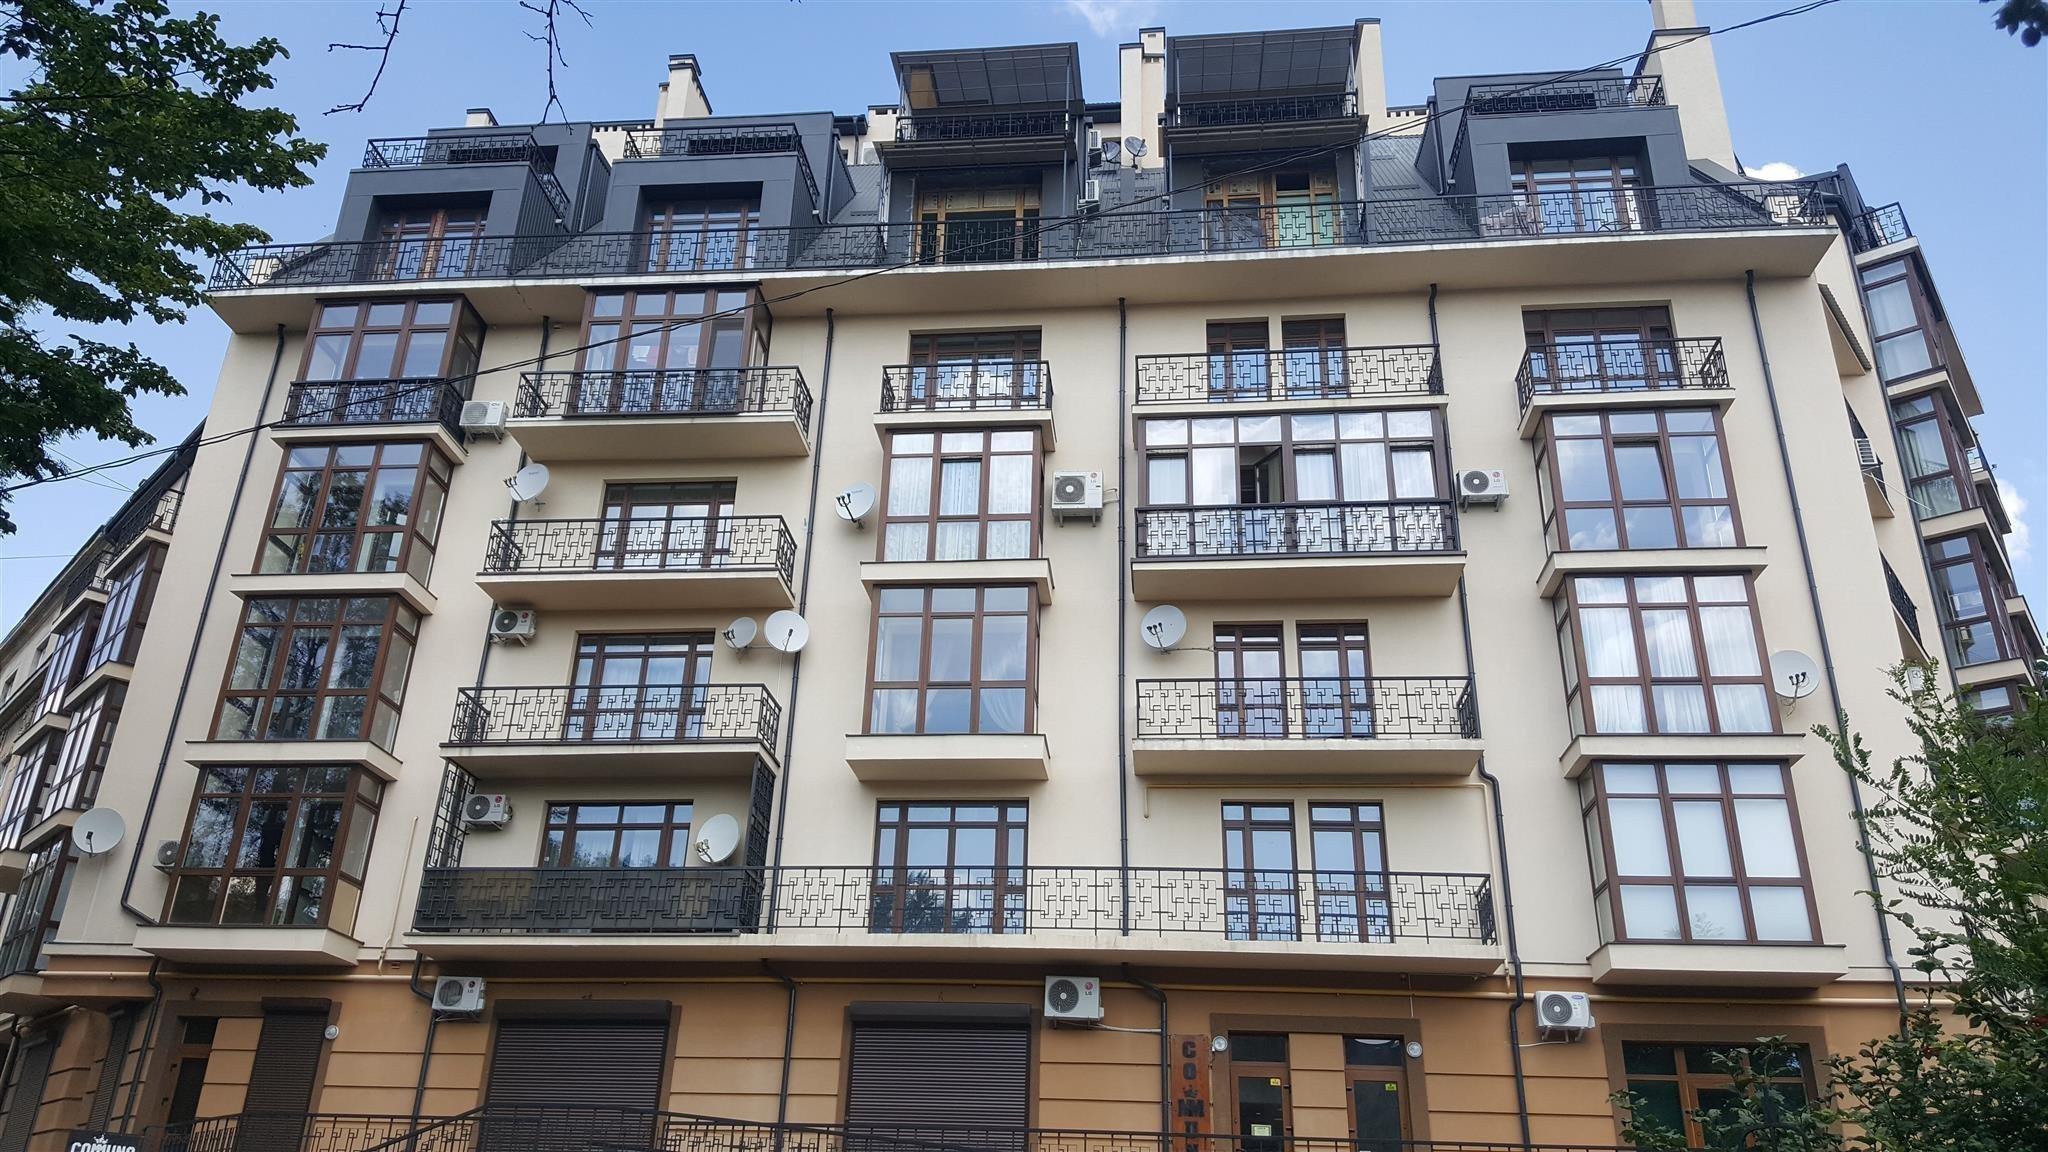 Фото: Продам квартиру в місті Львів. Оголошення № 5979